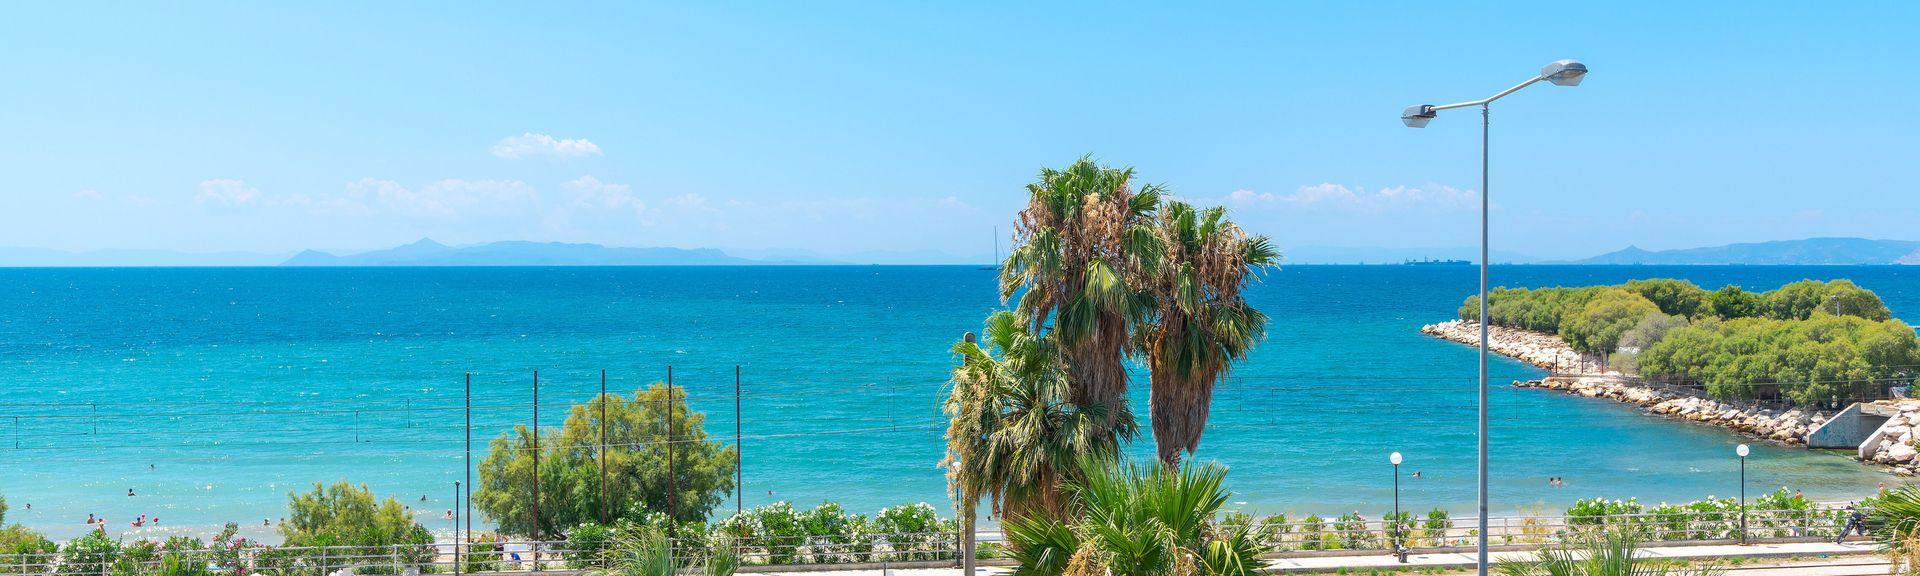 Nea Smyrni, Greece